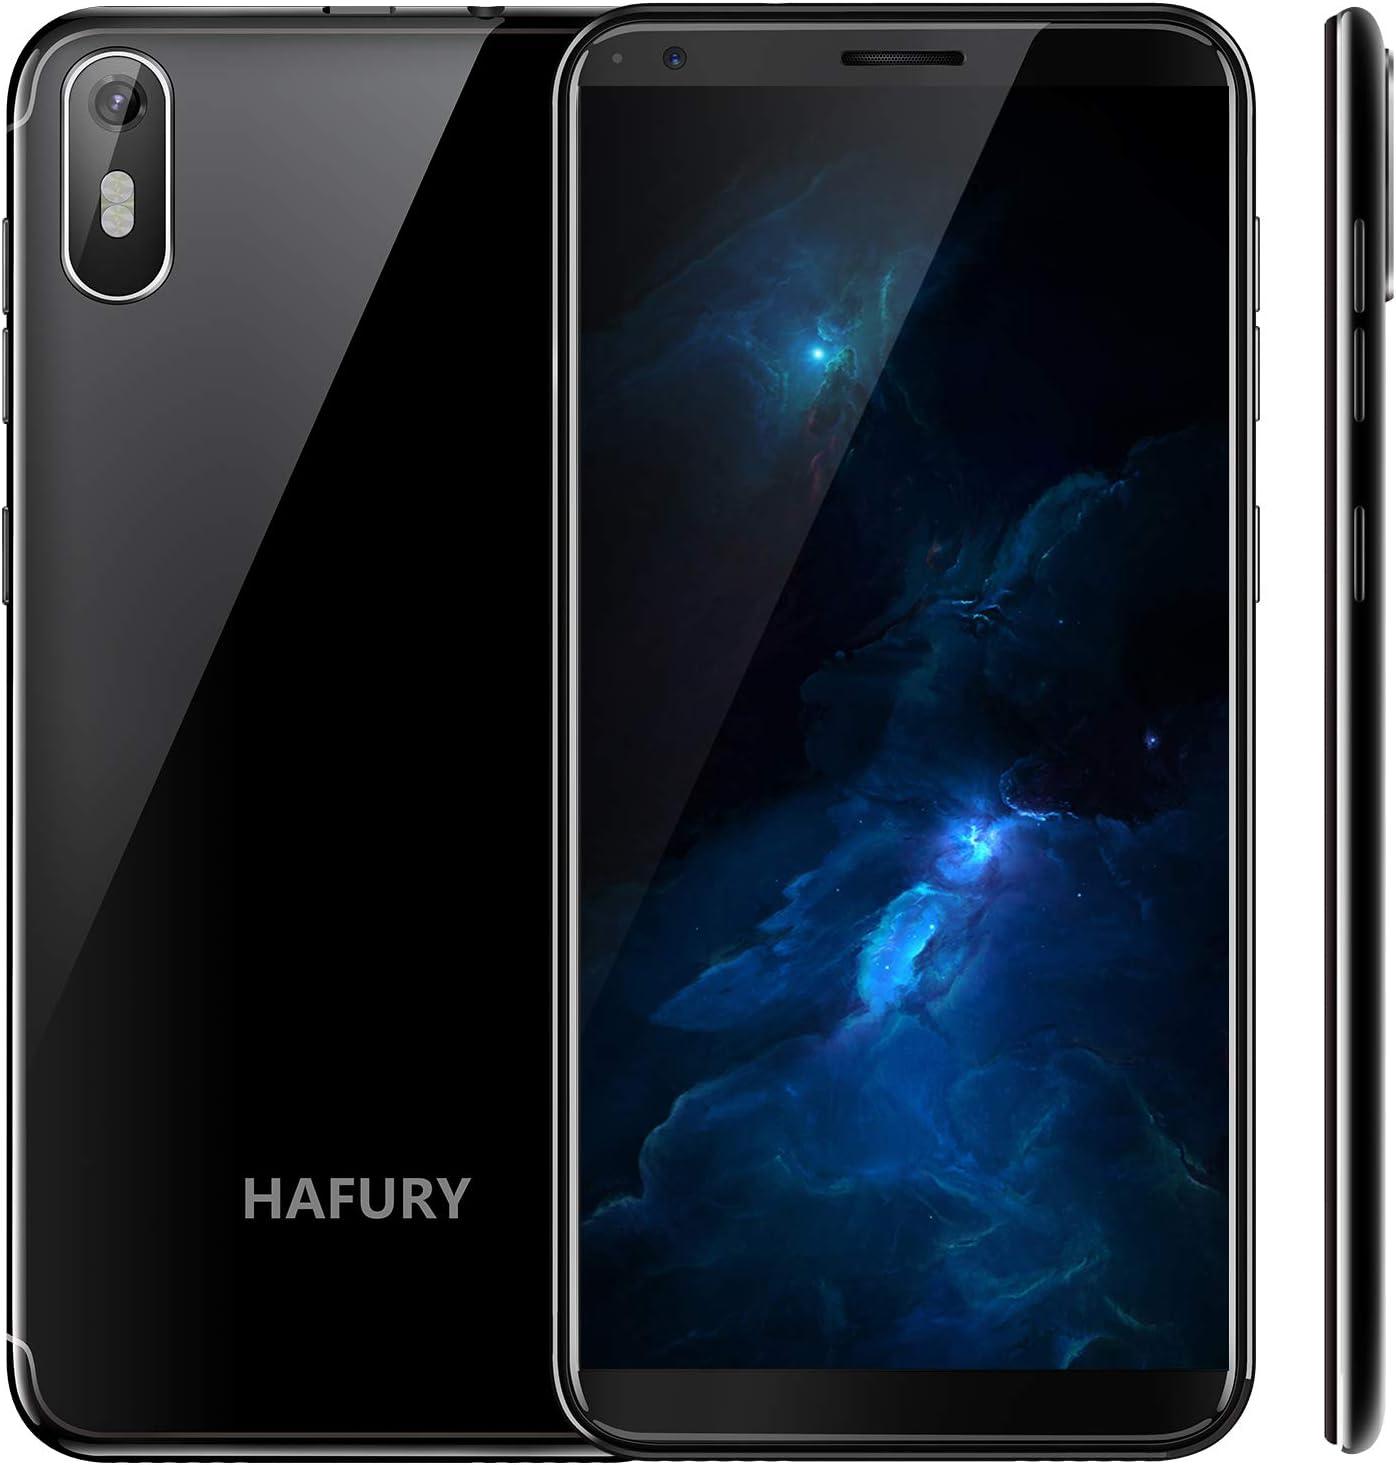 """Hafury A7 - Smartphone de 5.5 """" (18:9) Pantalla táctil Android 9.0 Teléfono Libre con Pantalla táctil, Dual SIM Dual Standby, 2GB RAM 16GB ROM, 8MP cámara trasera/5MP cámara Frontal, Negro"""